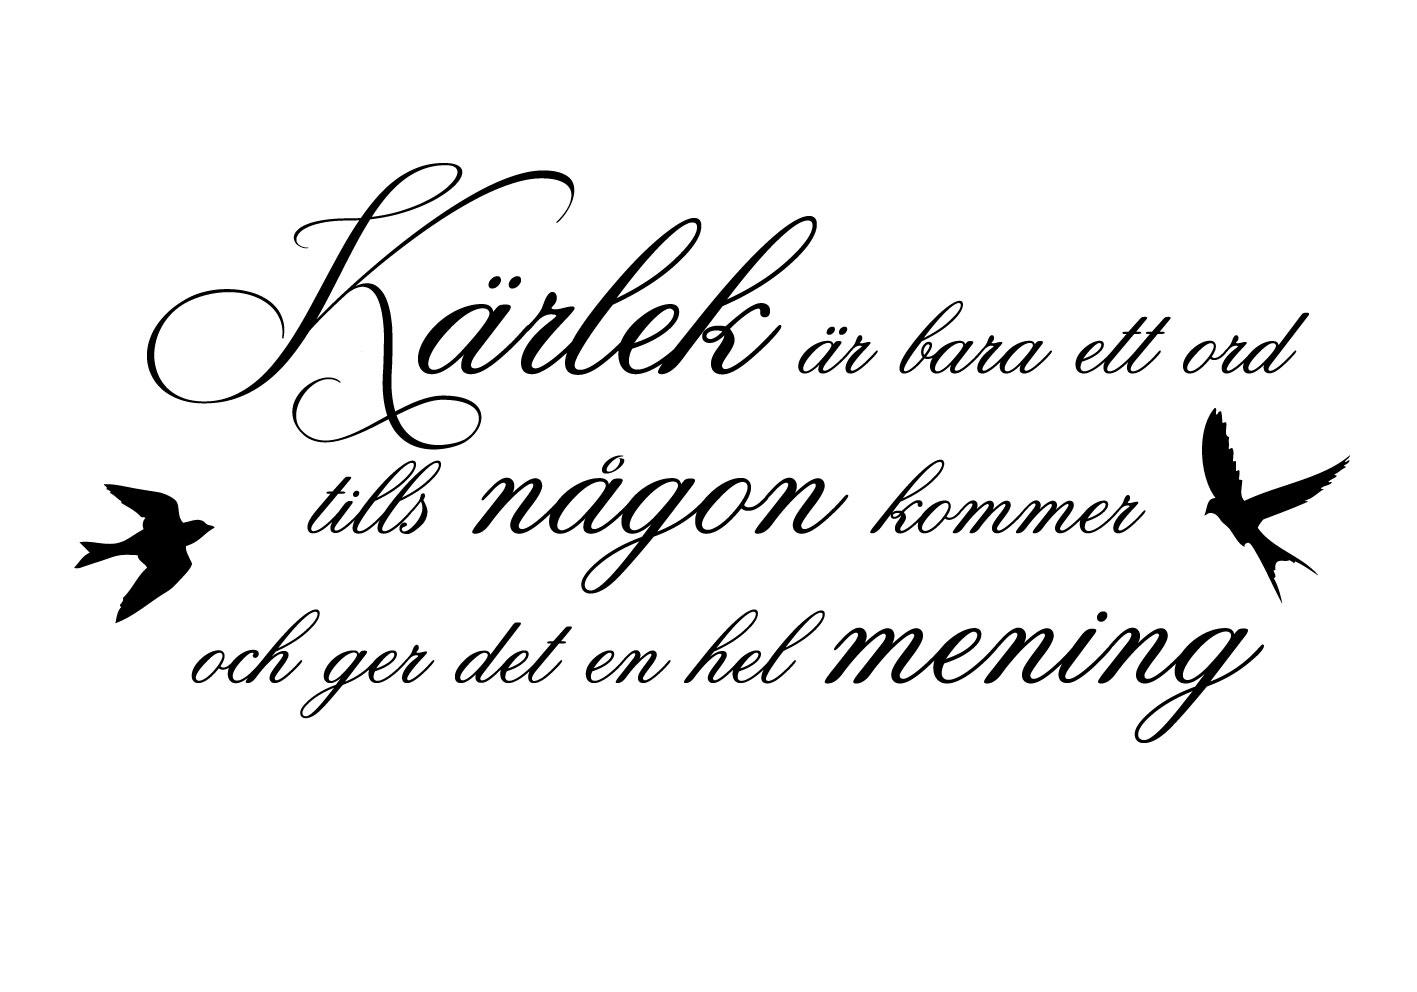 gratulerar på bröllopsdagen Nalta Norrland : Ett år senare gratulerar på bröllopsdagen